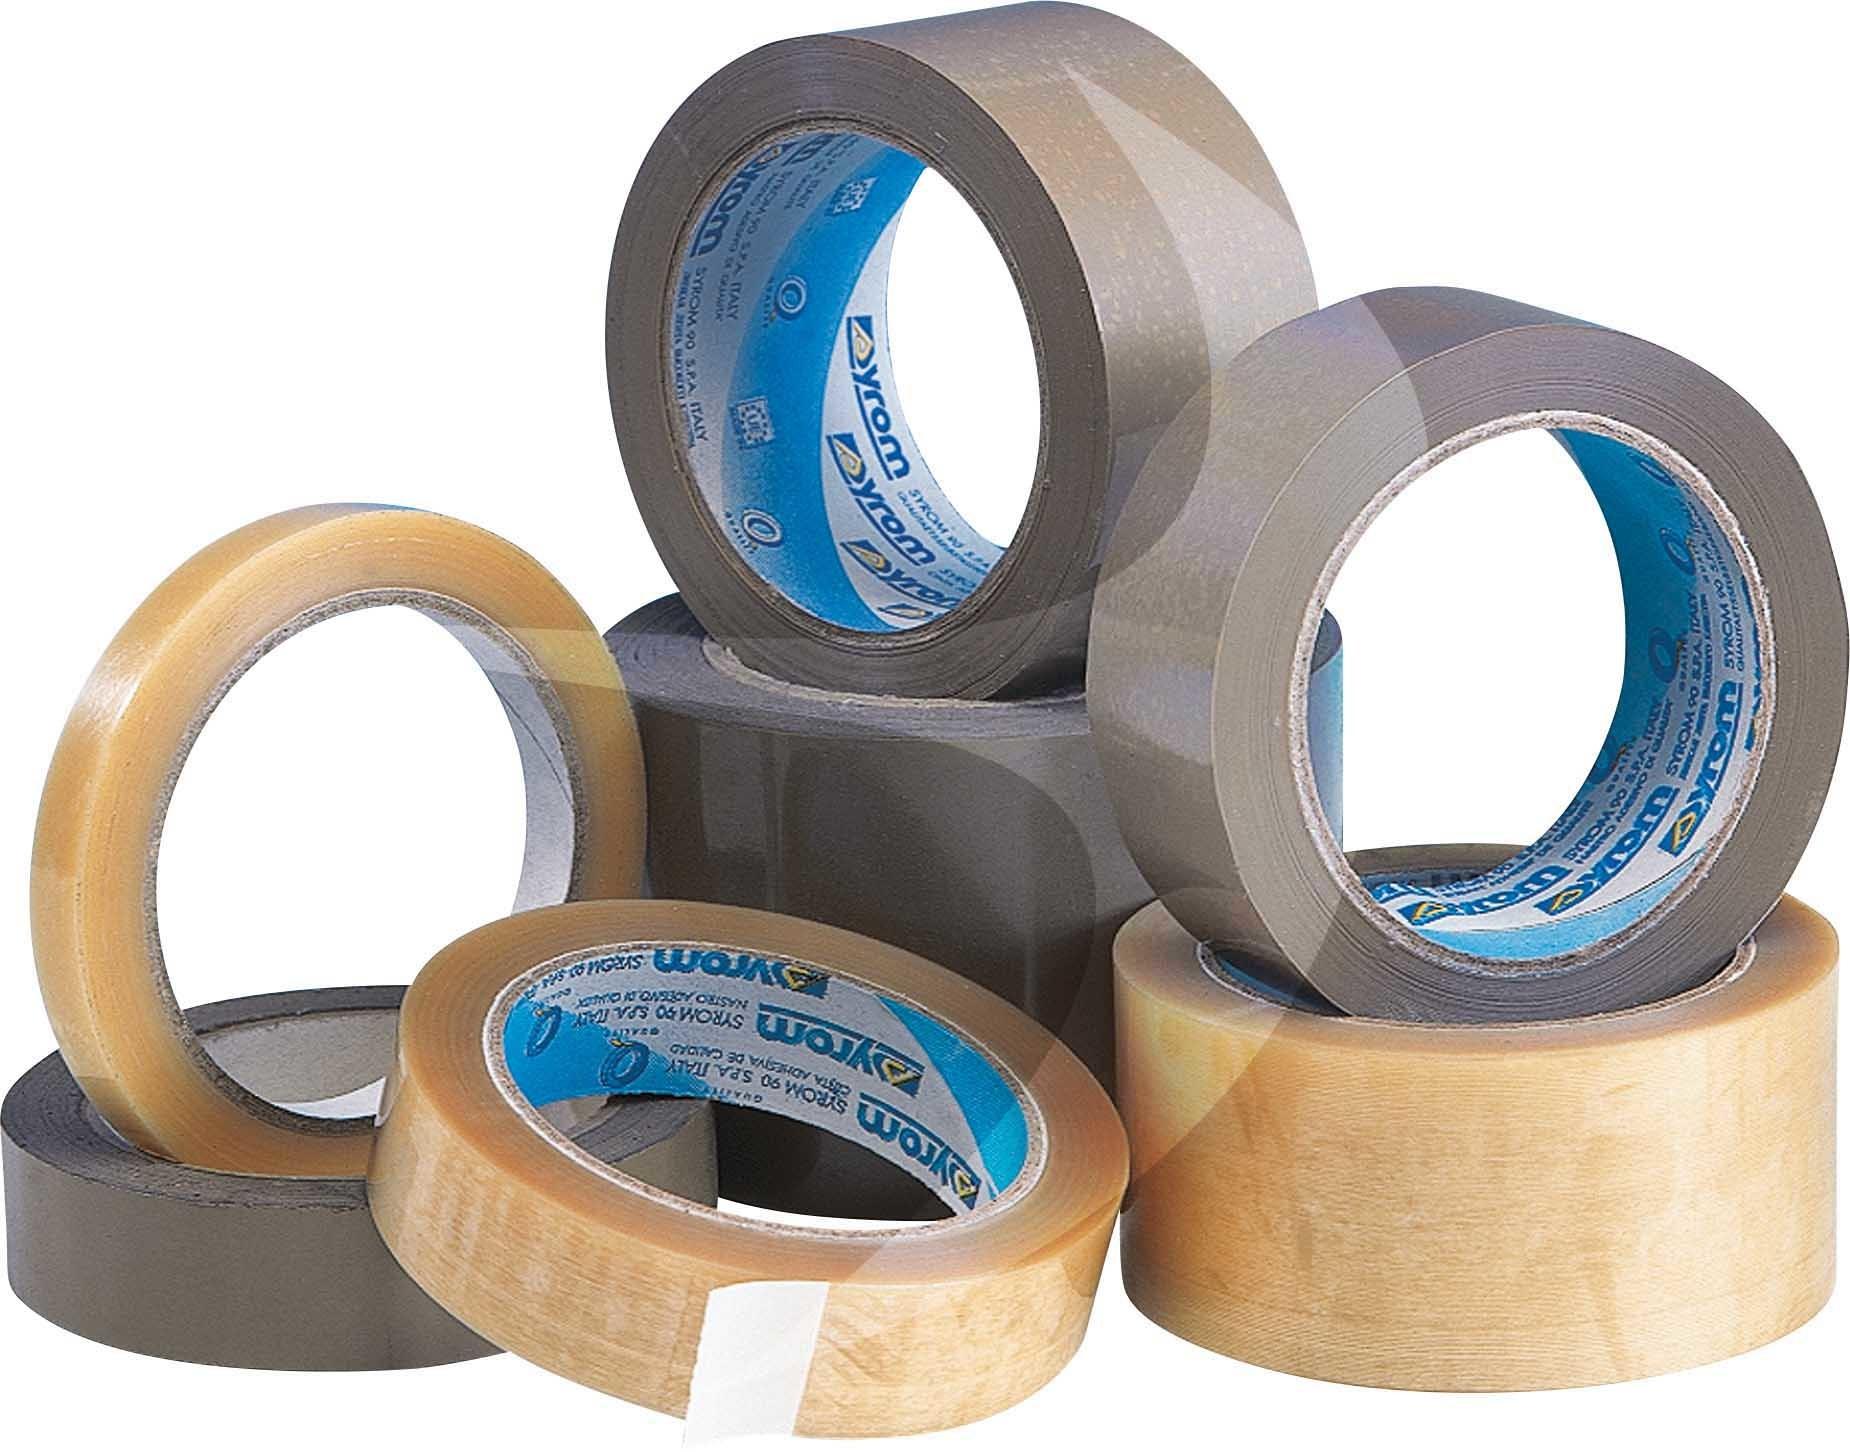 DENVA 19mm x 66m Clear PP Tape